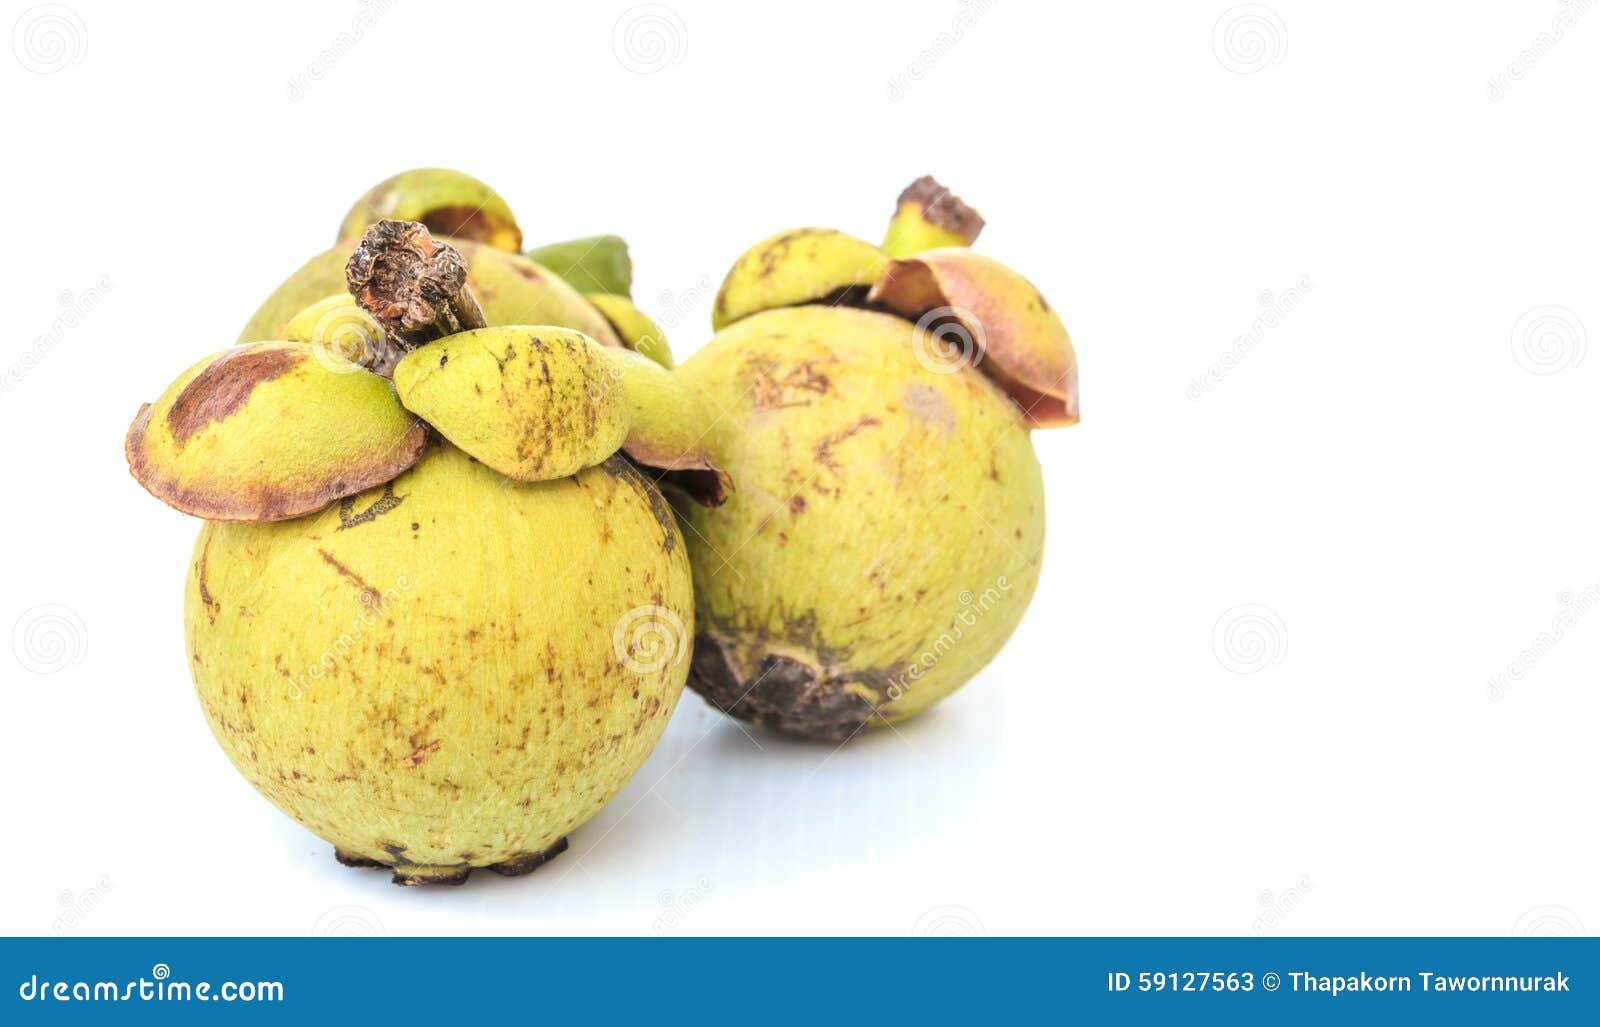 Mangosteen adelgaza